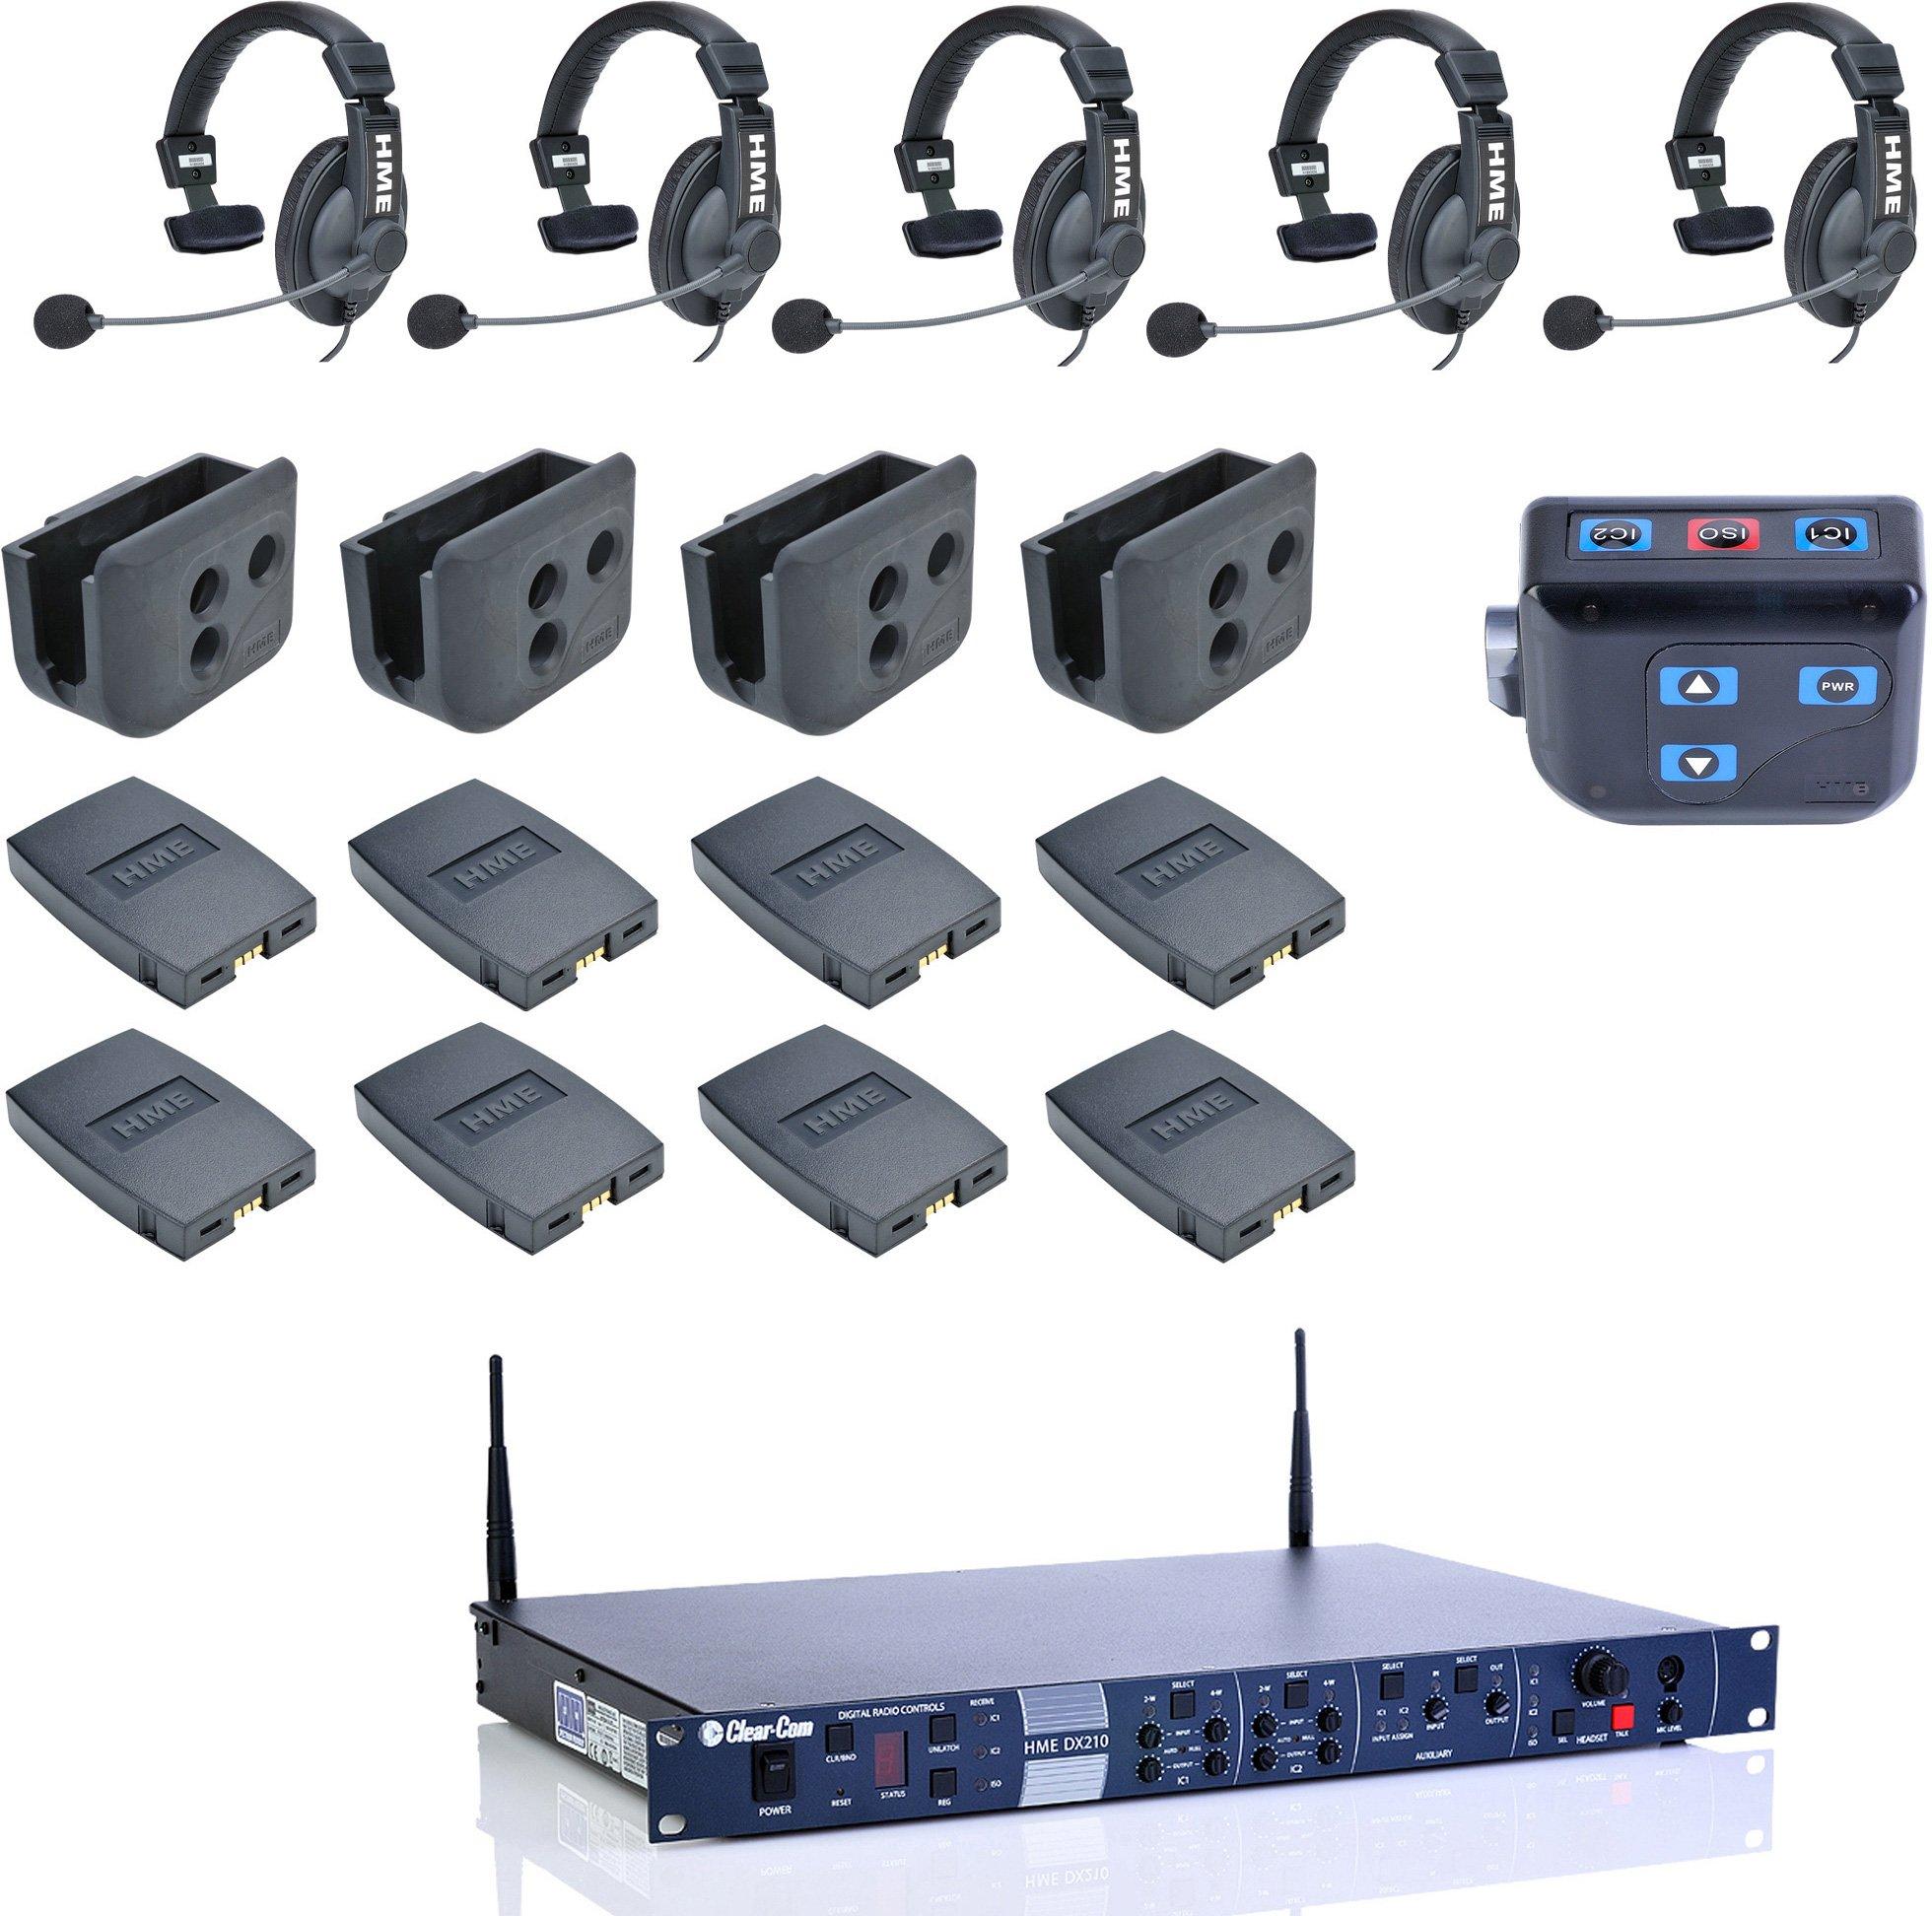 e94357c6434 ... HME DX210 Intercom System with HS15 Intercom Headsets. Zoom